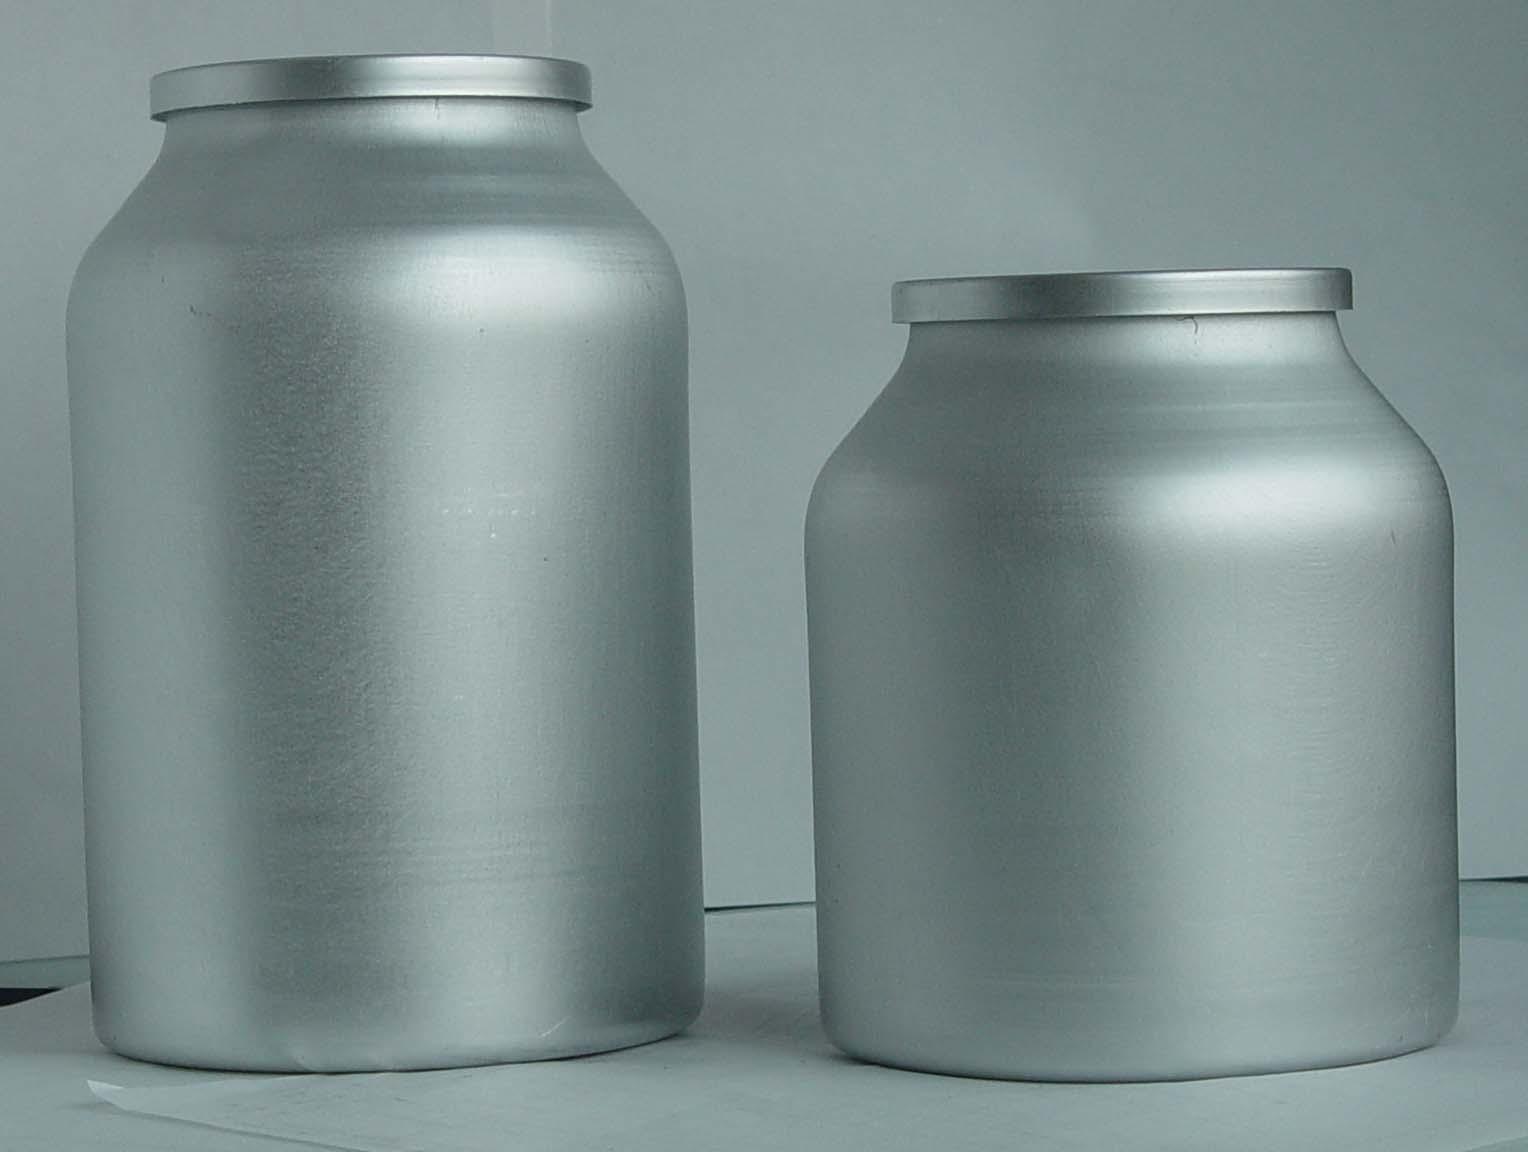 Calcium Levofolinate CAS NO.: 80433-71-2